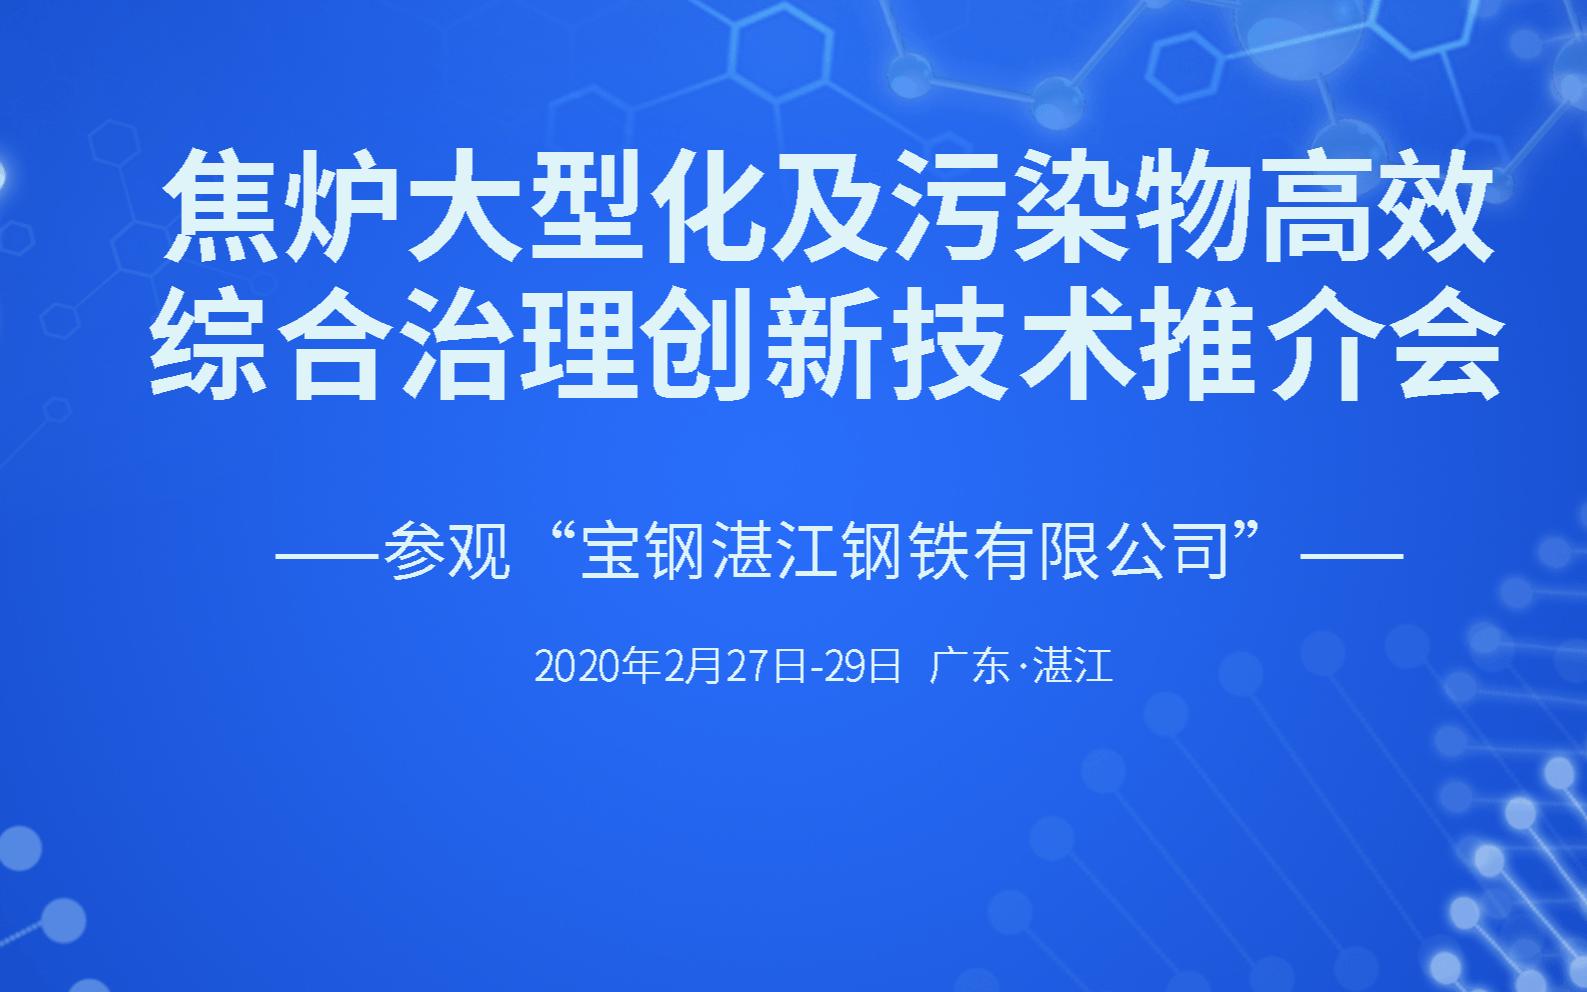 2020焦炉大型化及污染物高效综合治理创新技术推介会(湛江)